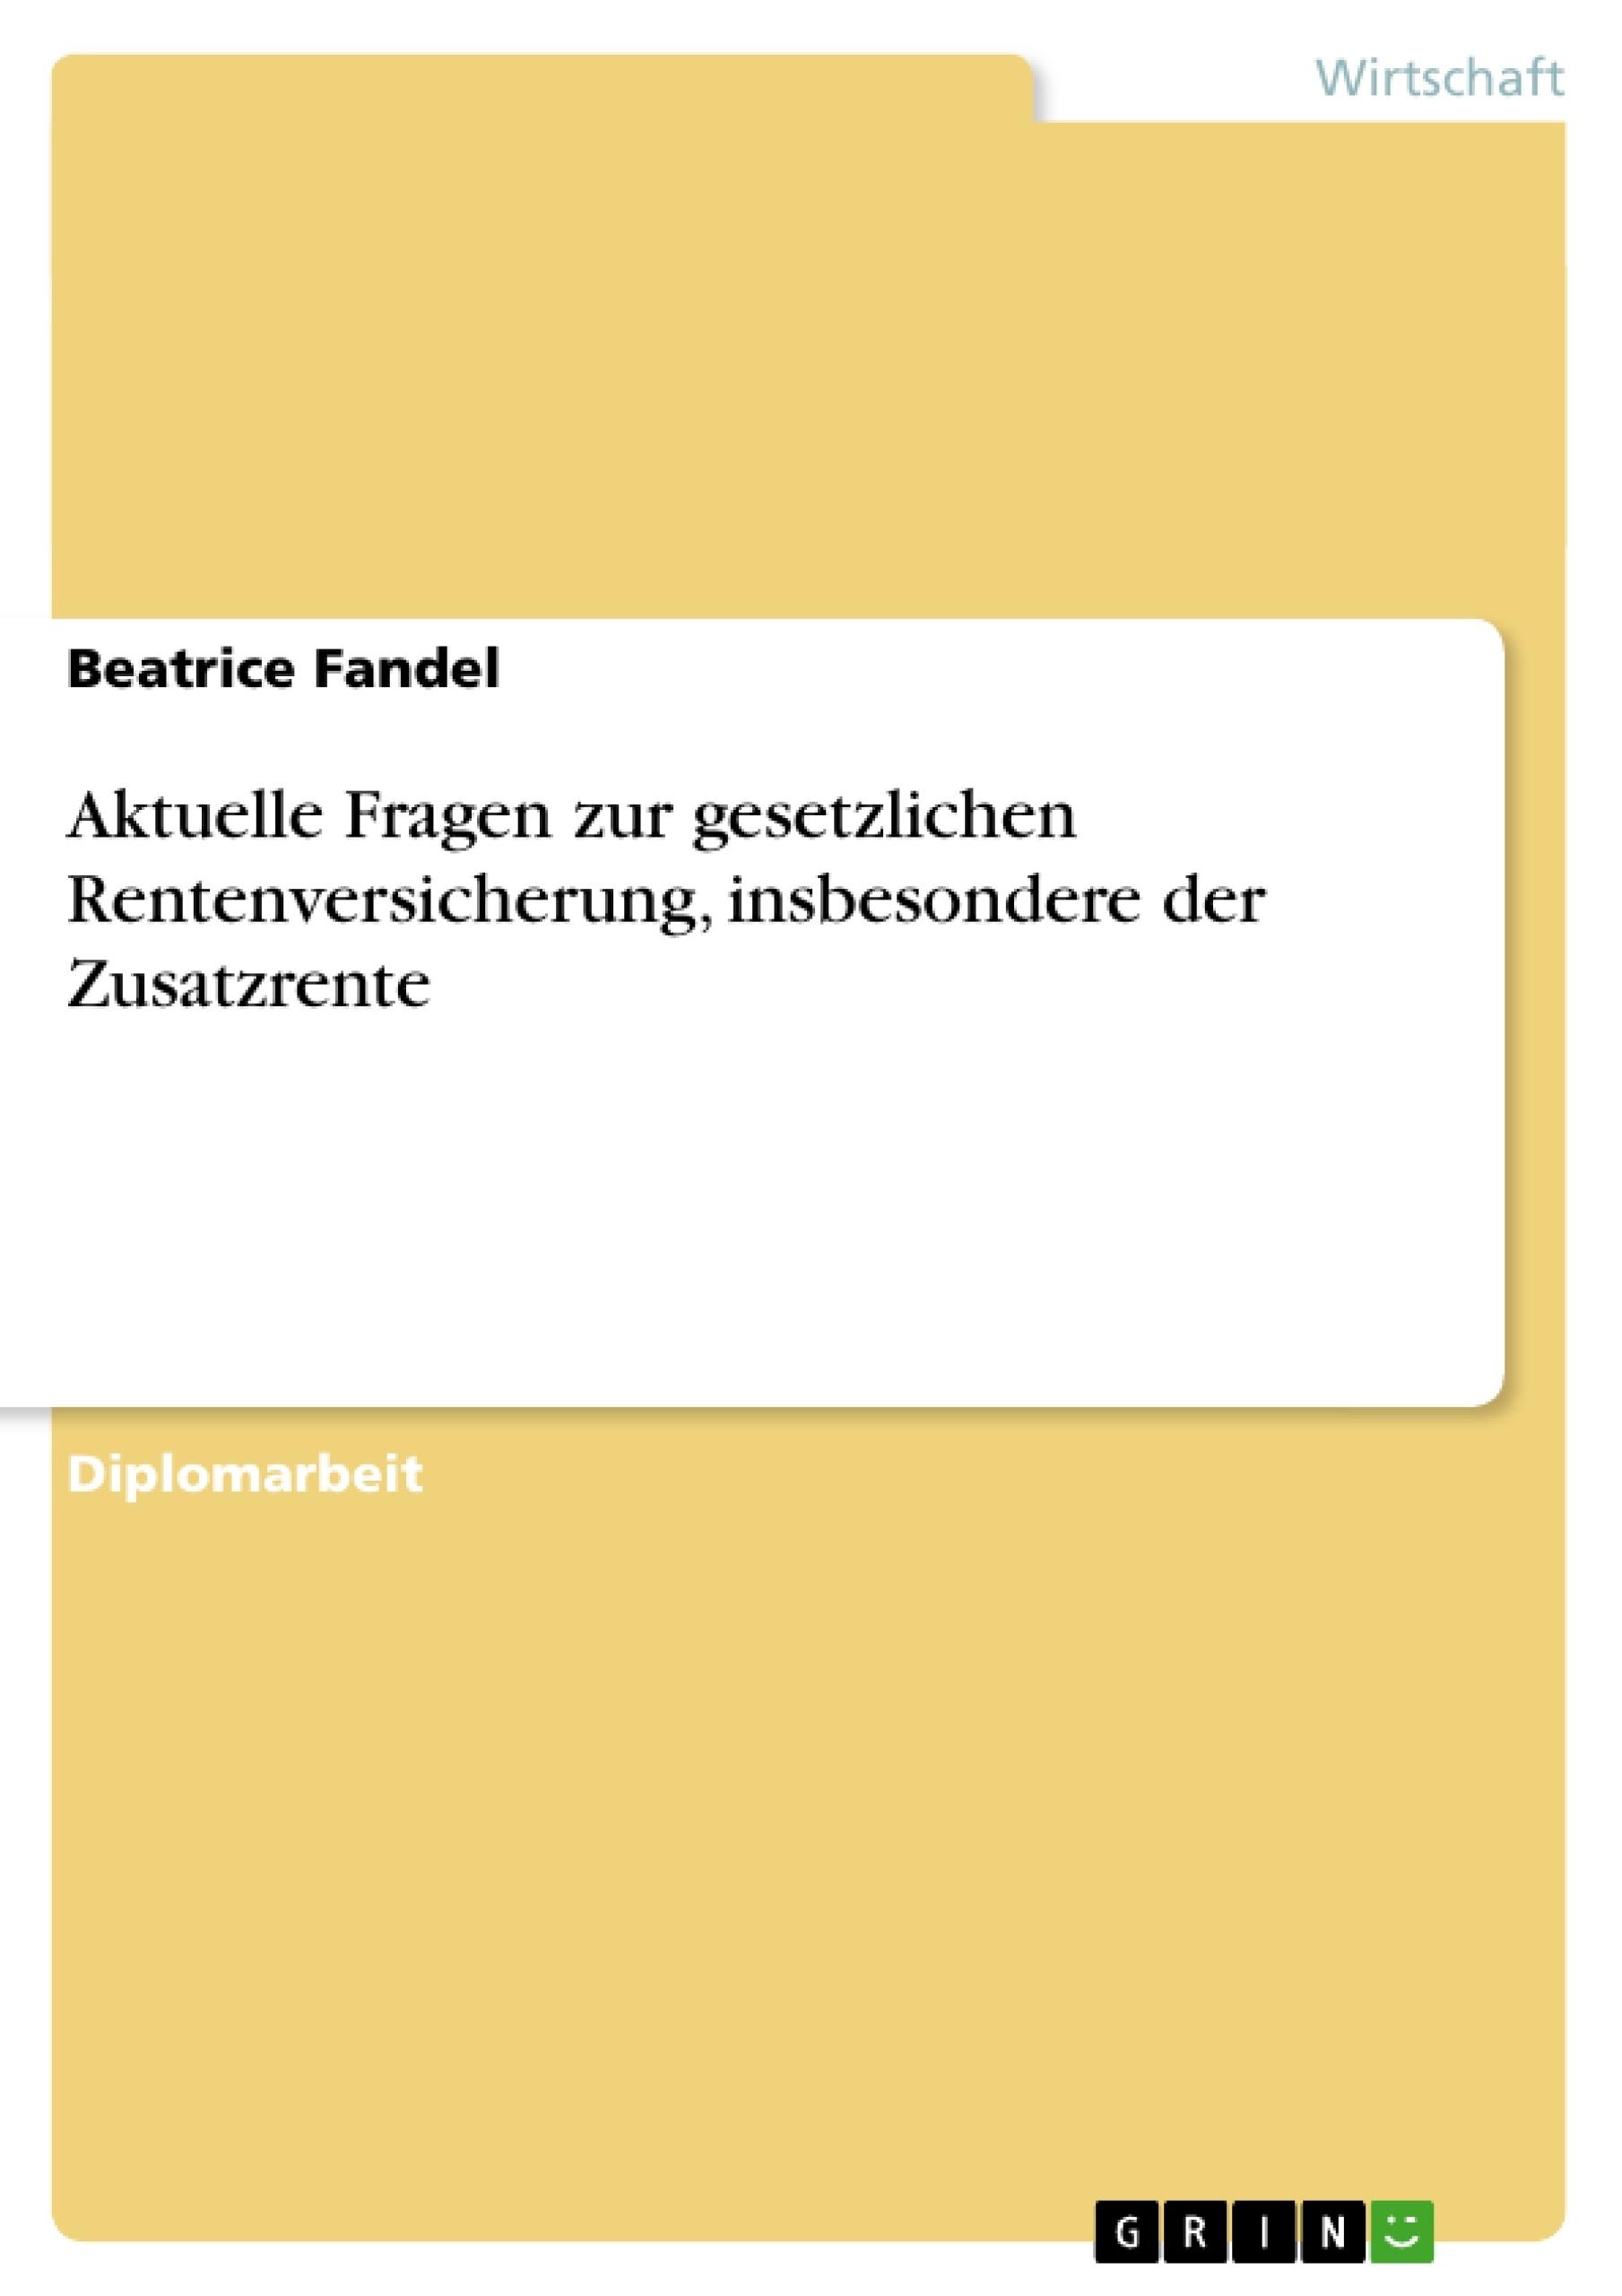 Titel: Aktuelle Fragen zur gesetzlichen Rentenversicherung, insbesondere der Zusatzrente